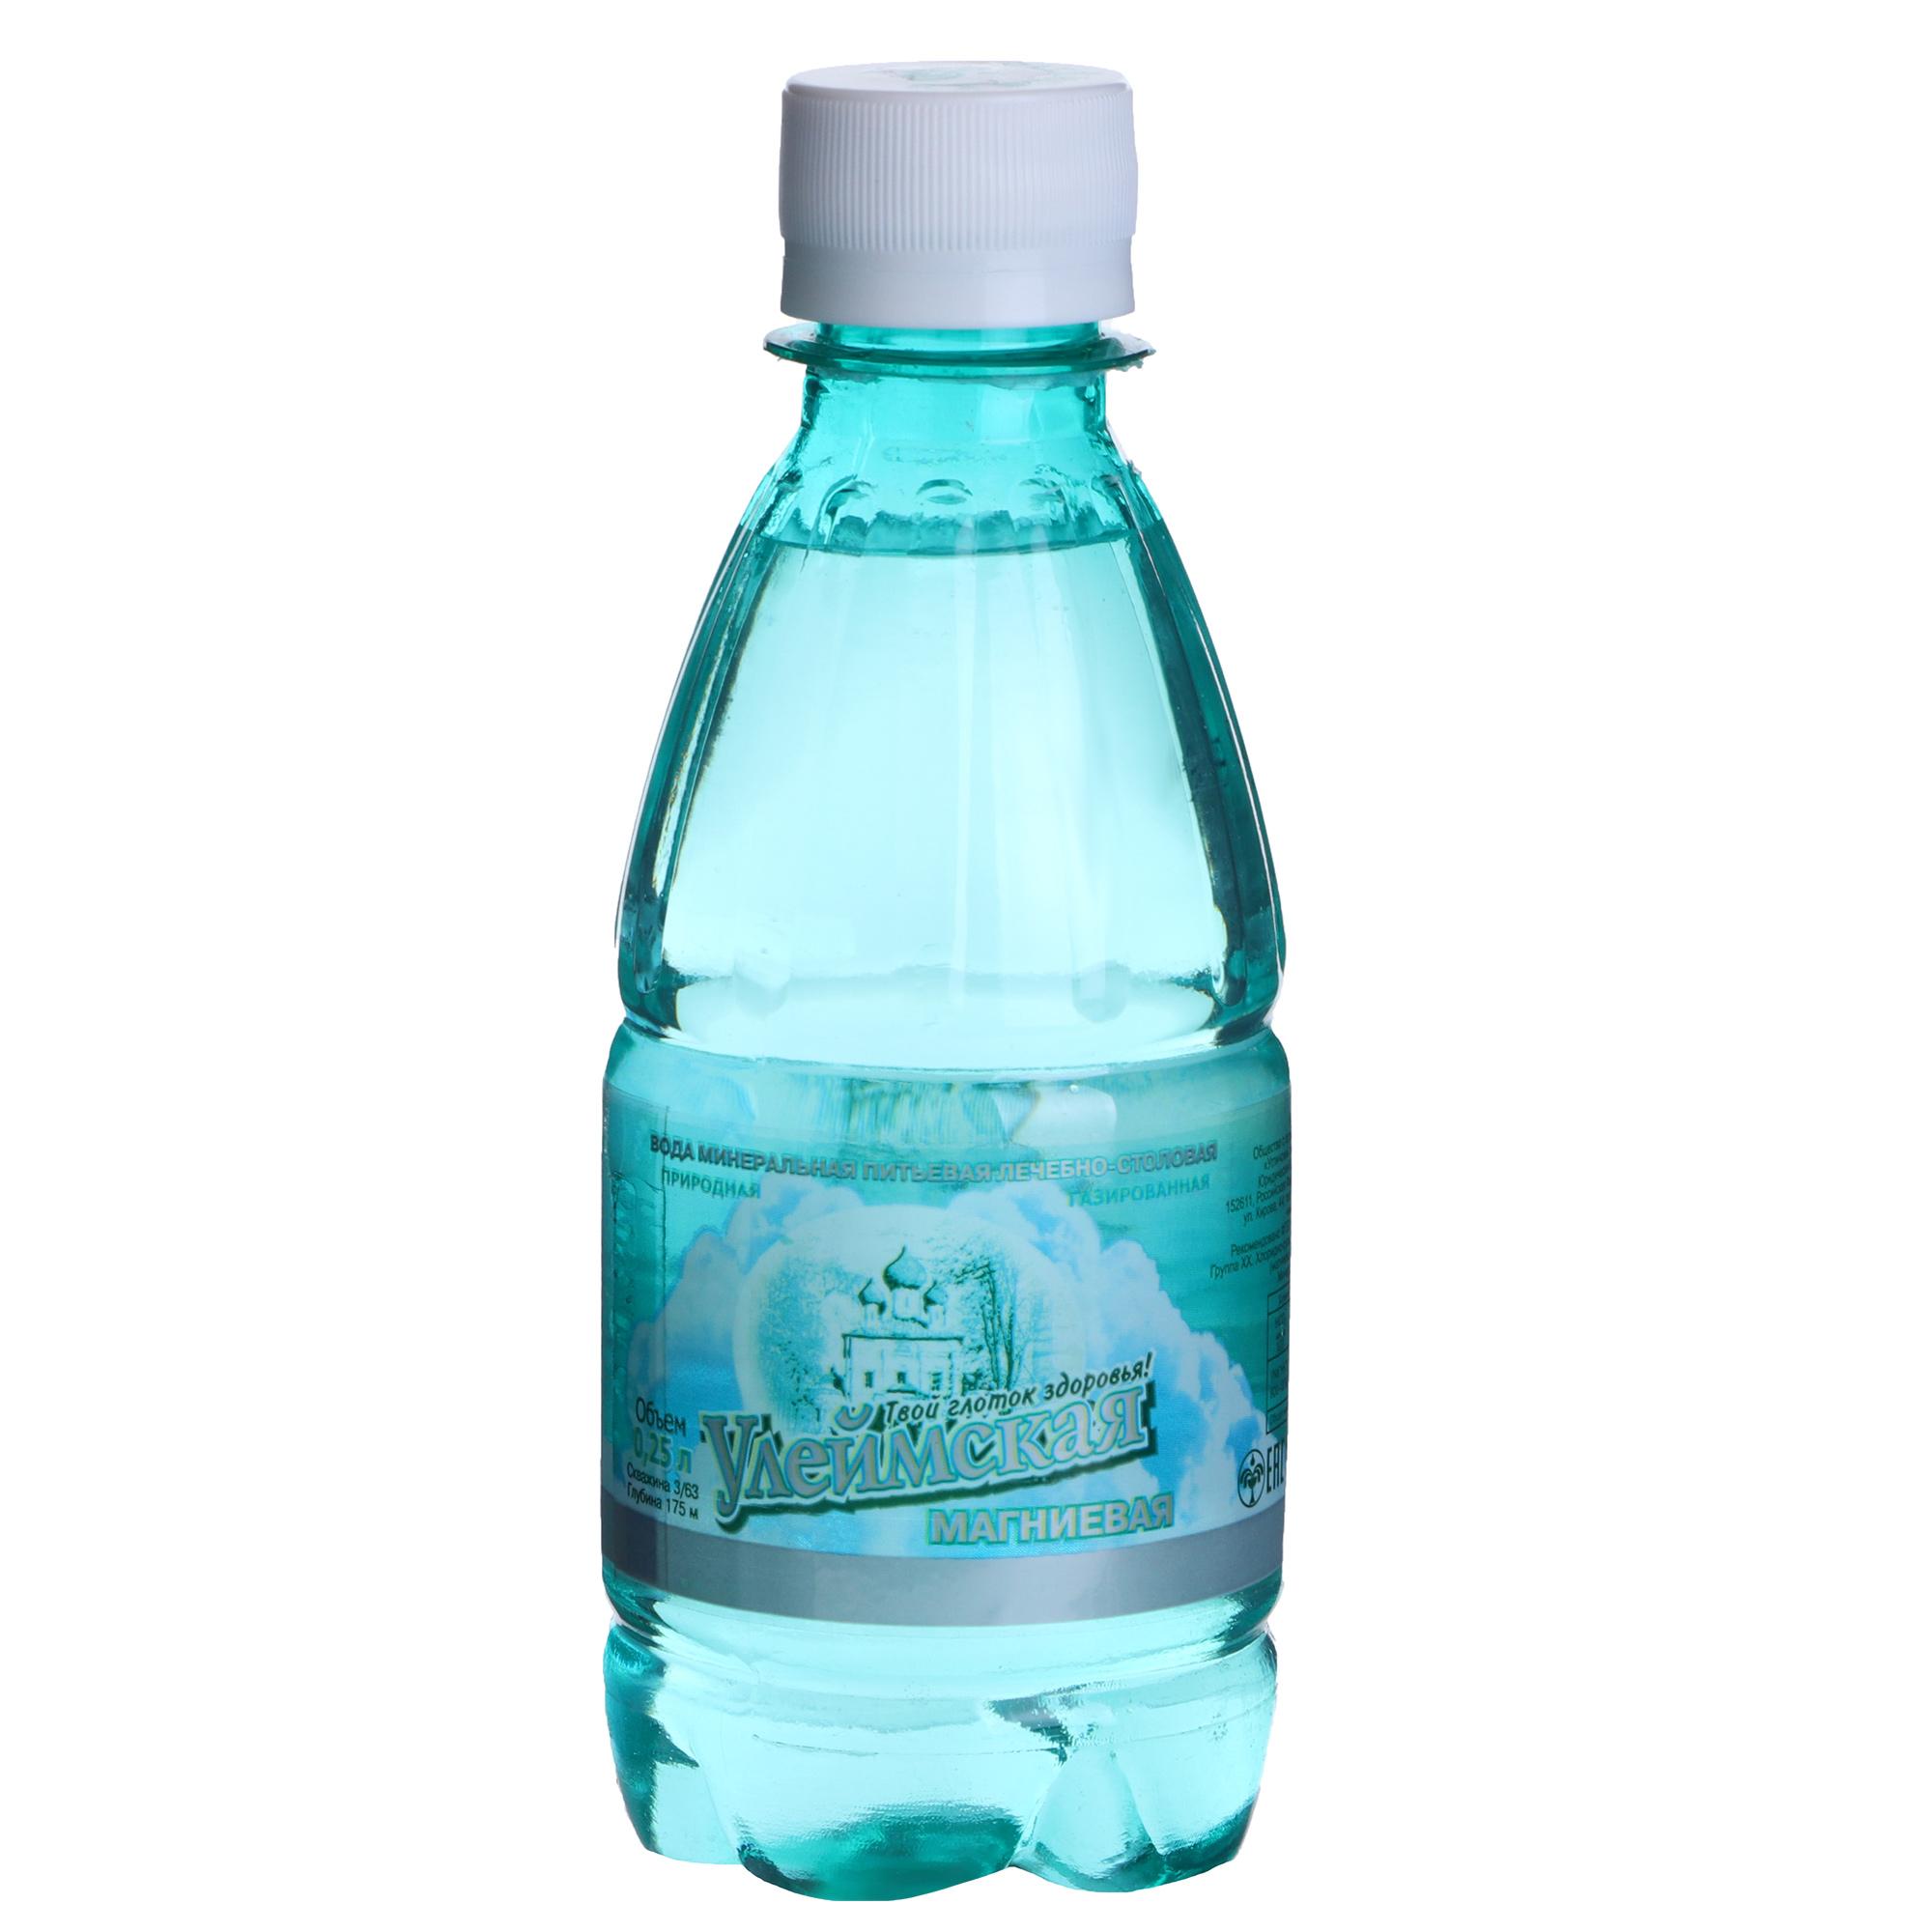 Фото - Вода минеральная Улеймская магниевая газированная 0,25 л минеральная вода zagori газированная стекло 0 75 л